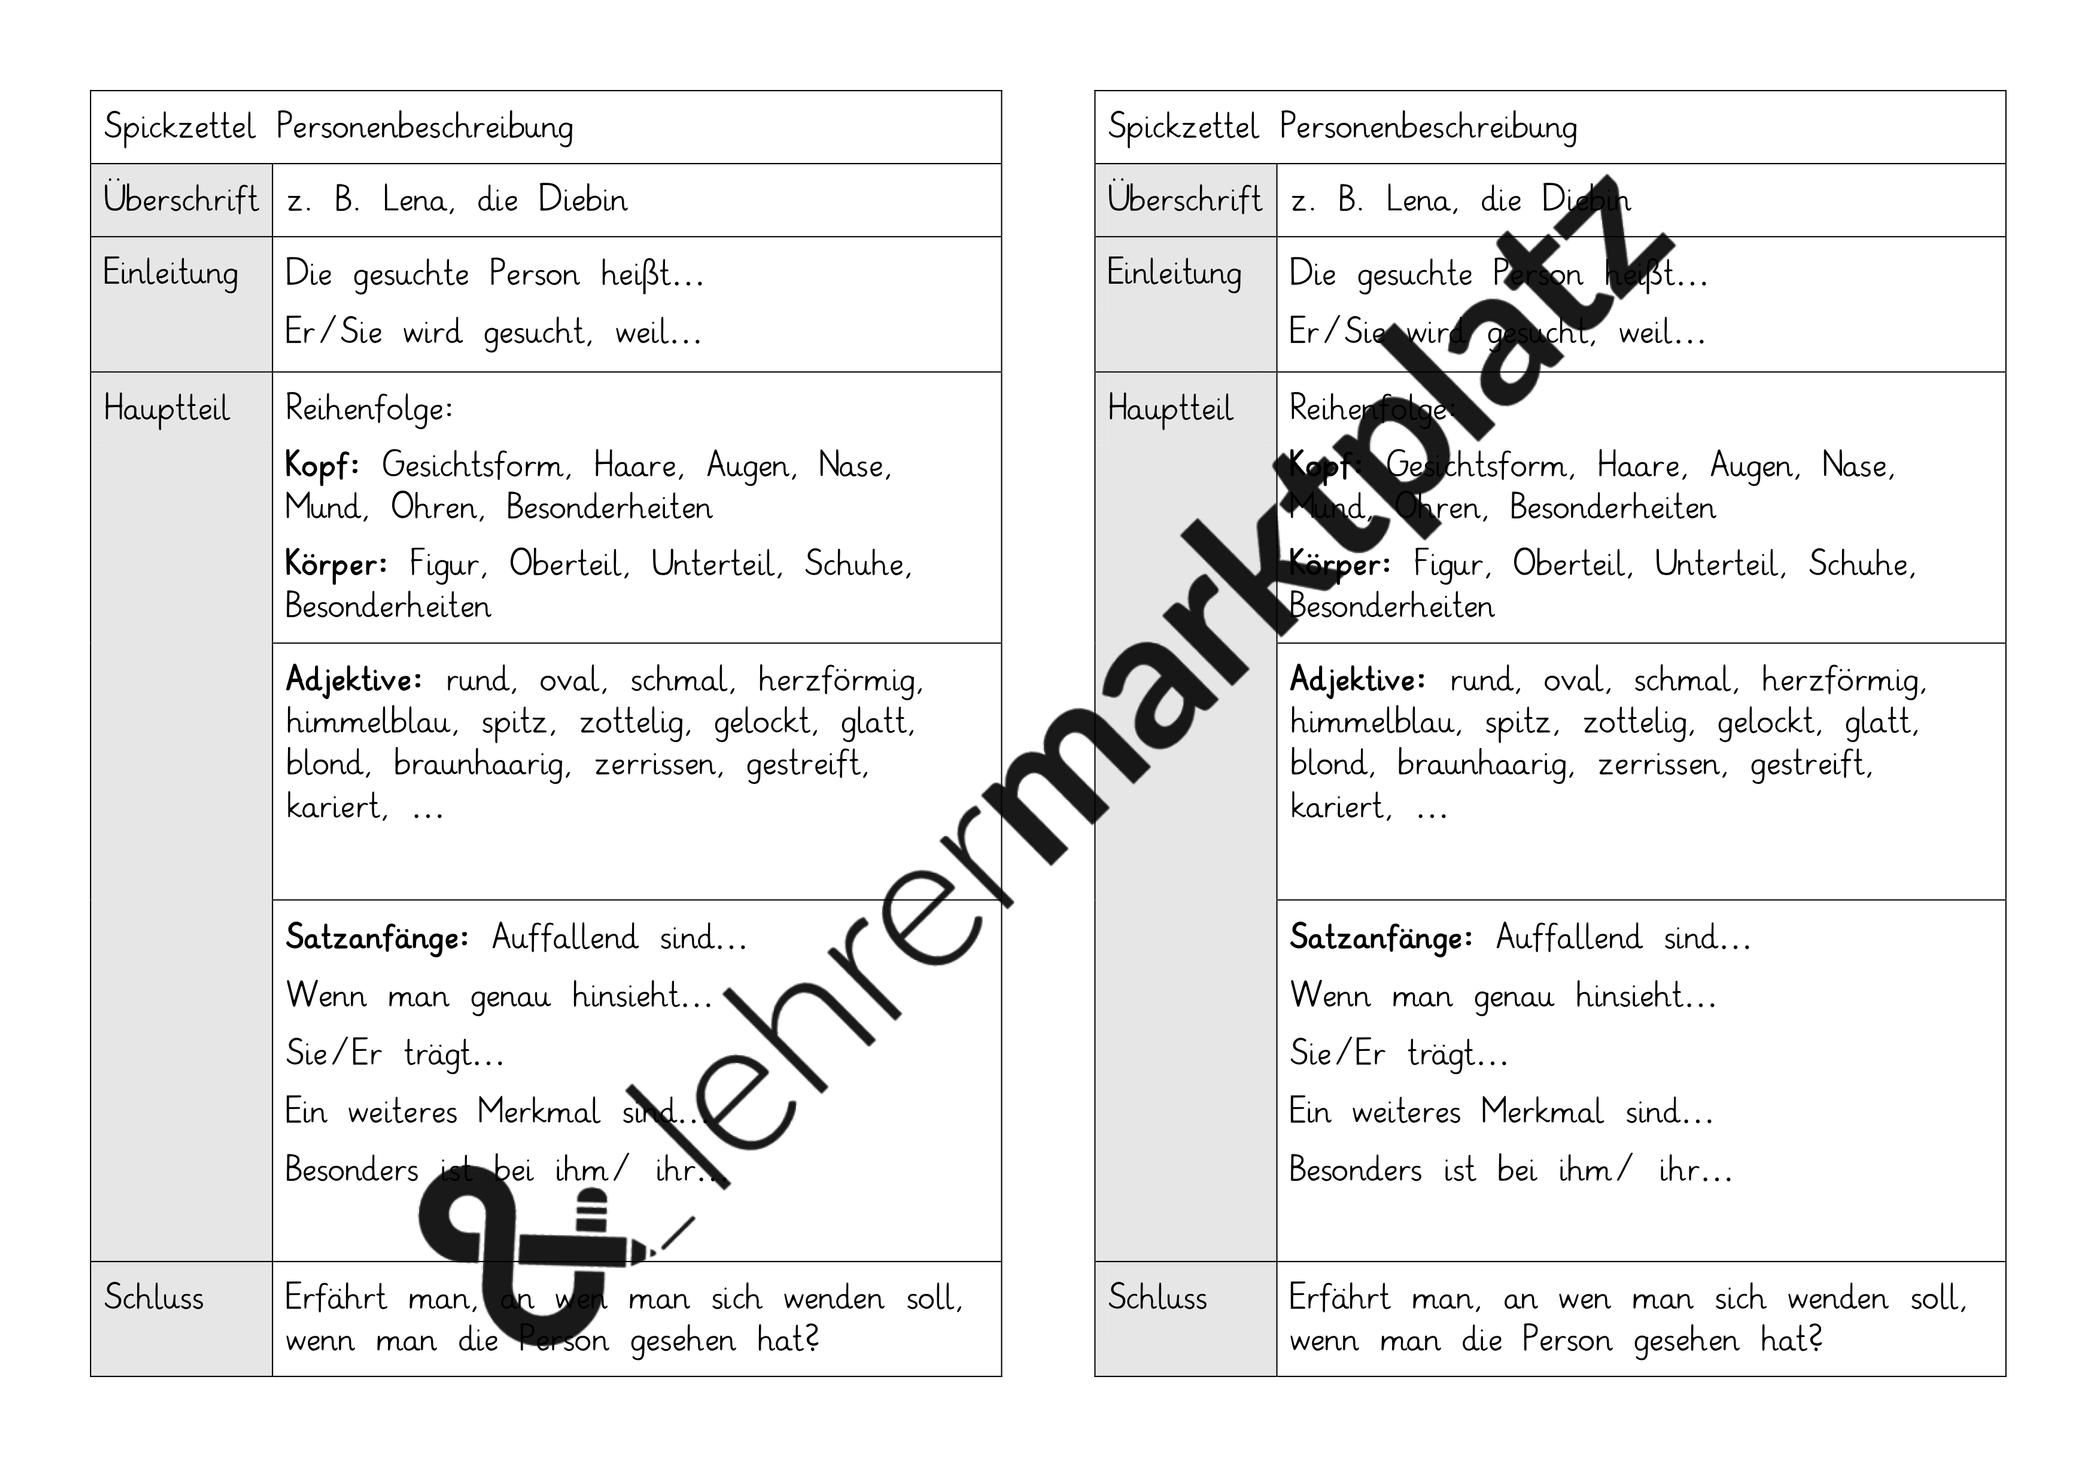 Spickzettel Fur Eine Personenbeschreibung Unterrichtsmaterial Im Fach Deutsch Personenbeschreibung Spickzettel Satzanfange